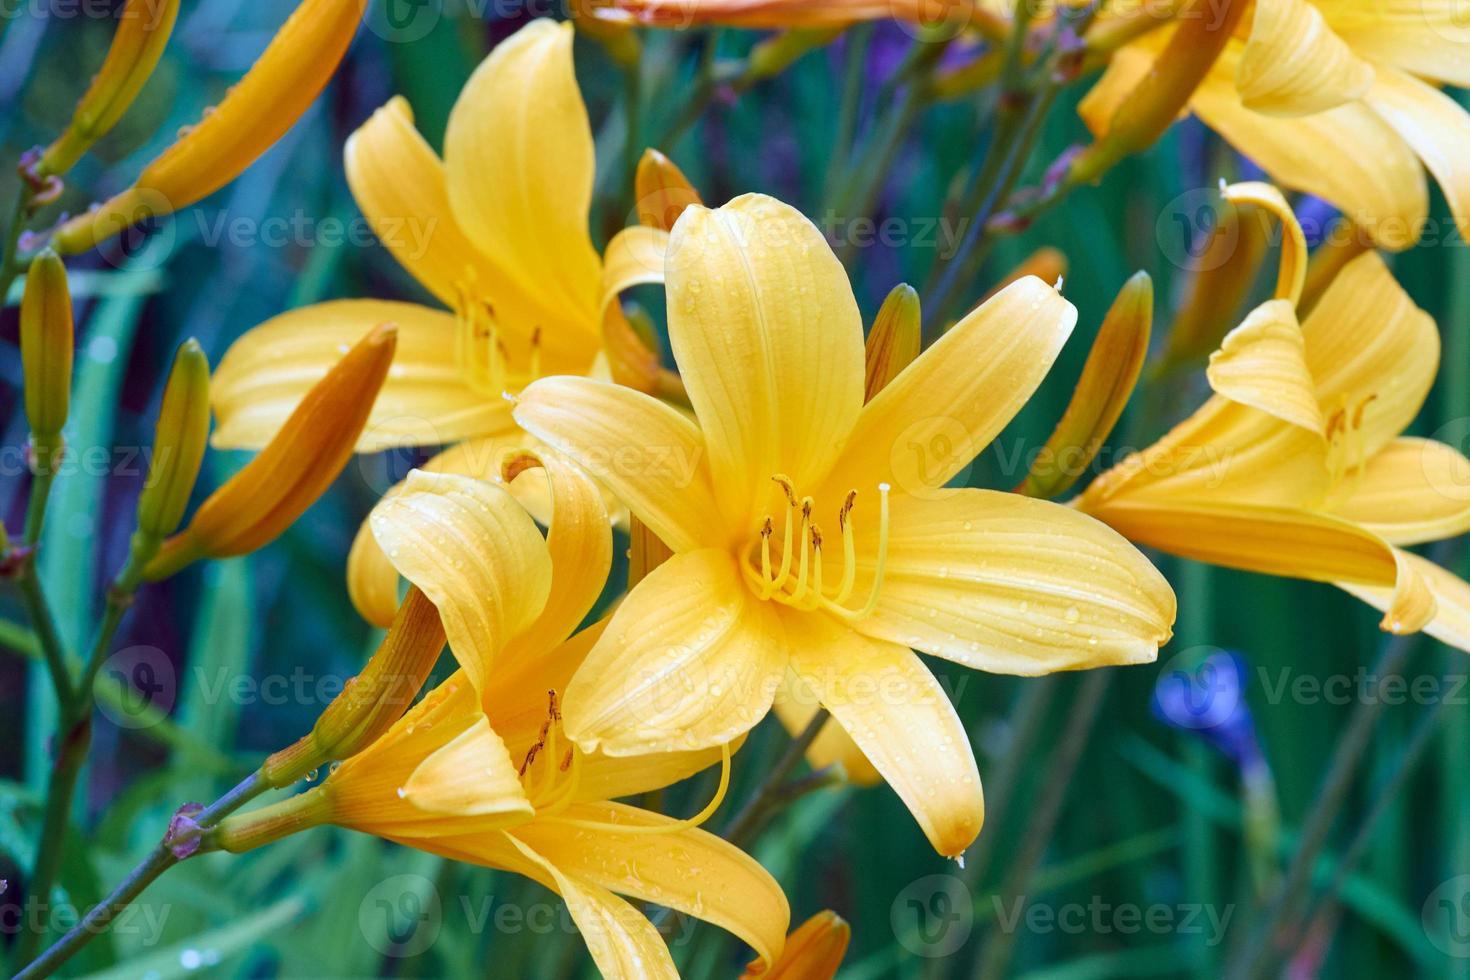 gul lilja blomma foto